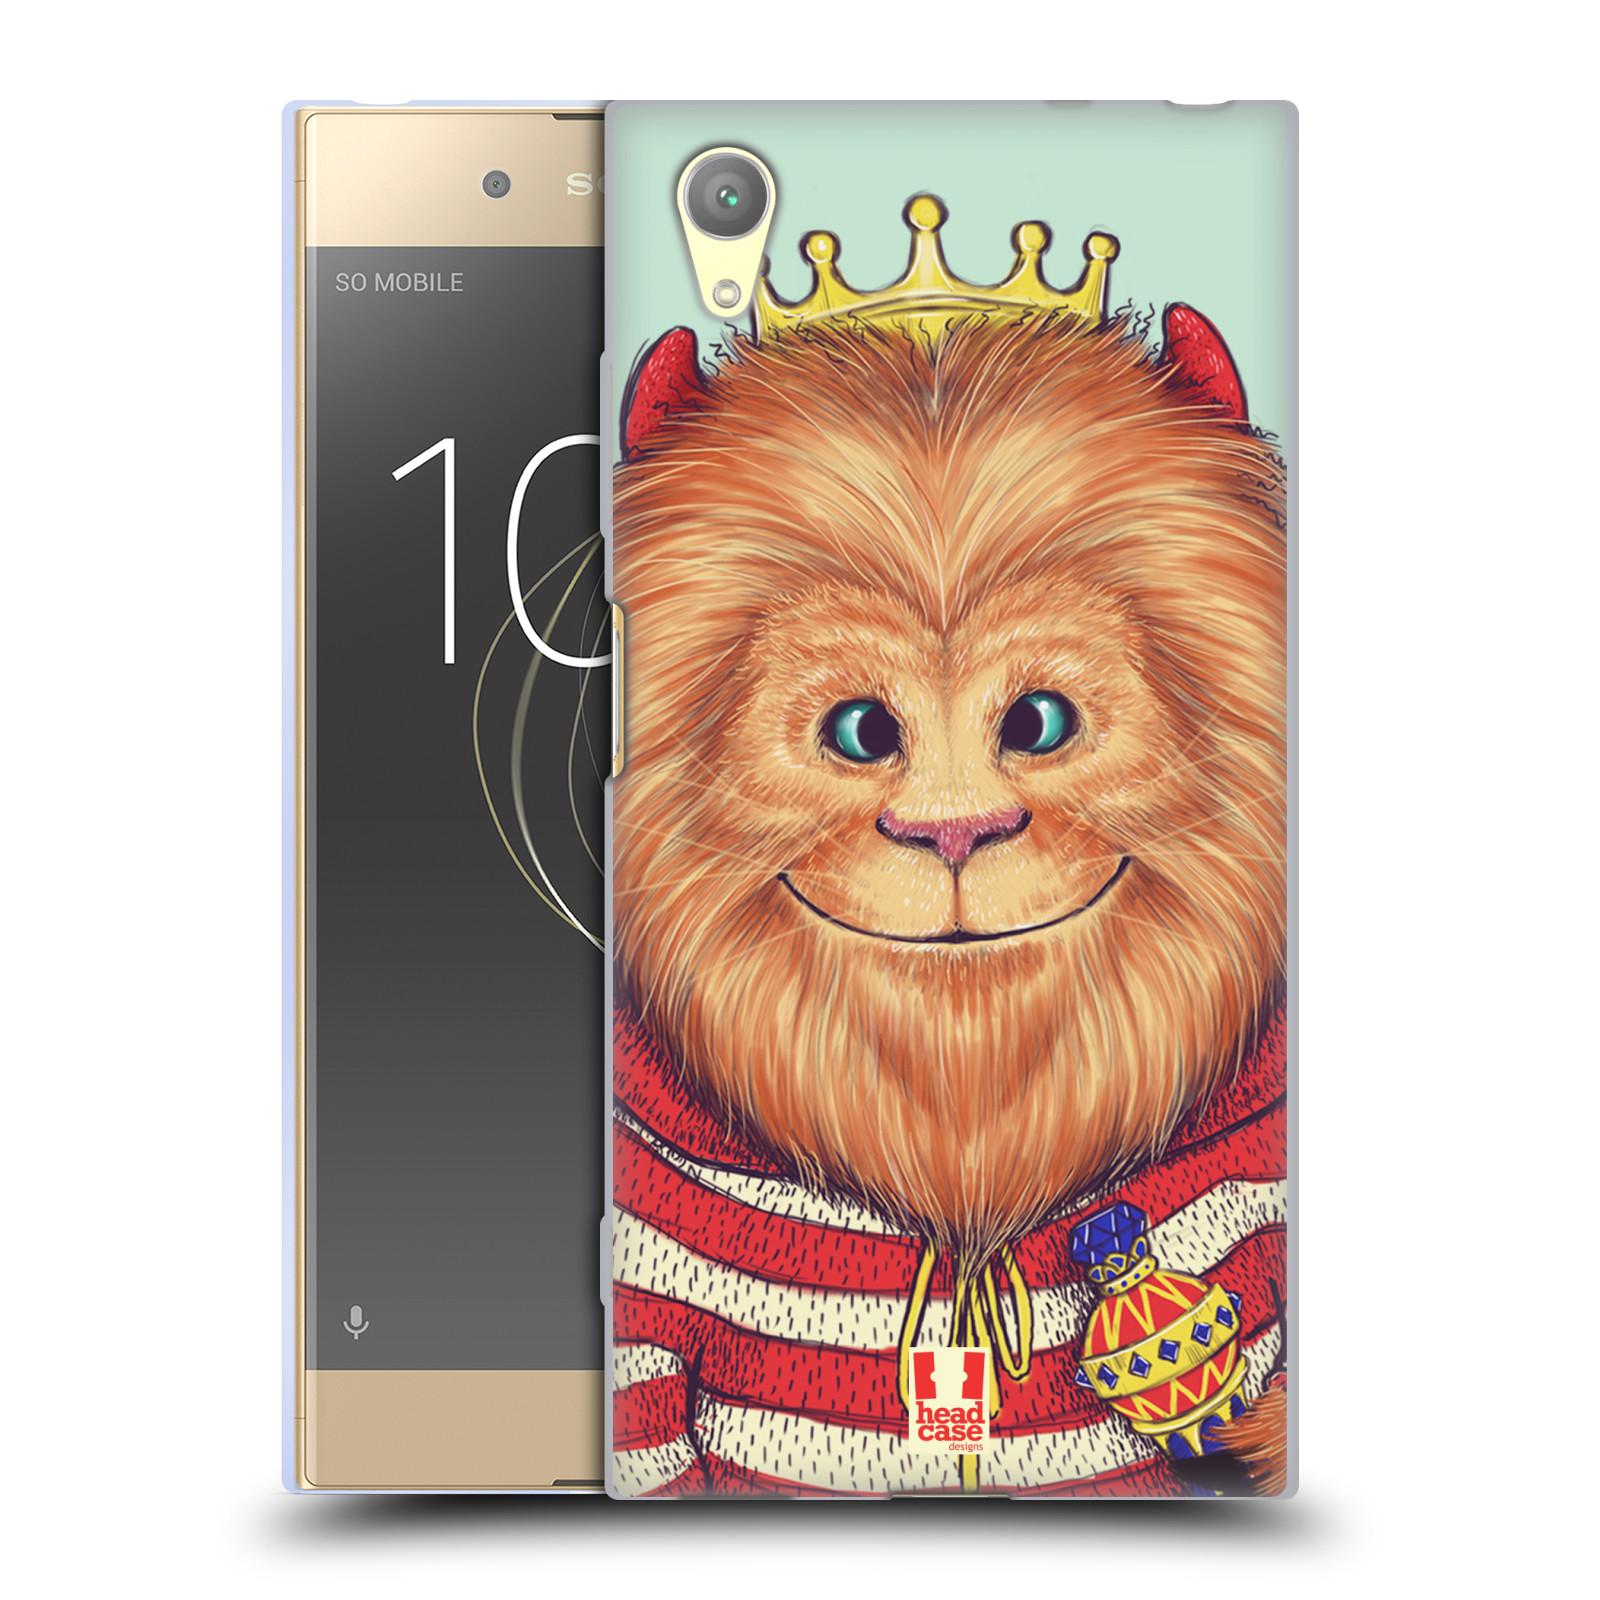 HEAD CASE silikonový obal na mobil Sony Xperia XA1 PLUS vzor Kreslená zvířátka lev